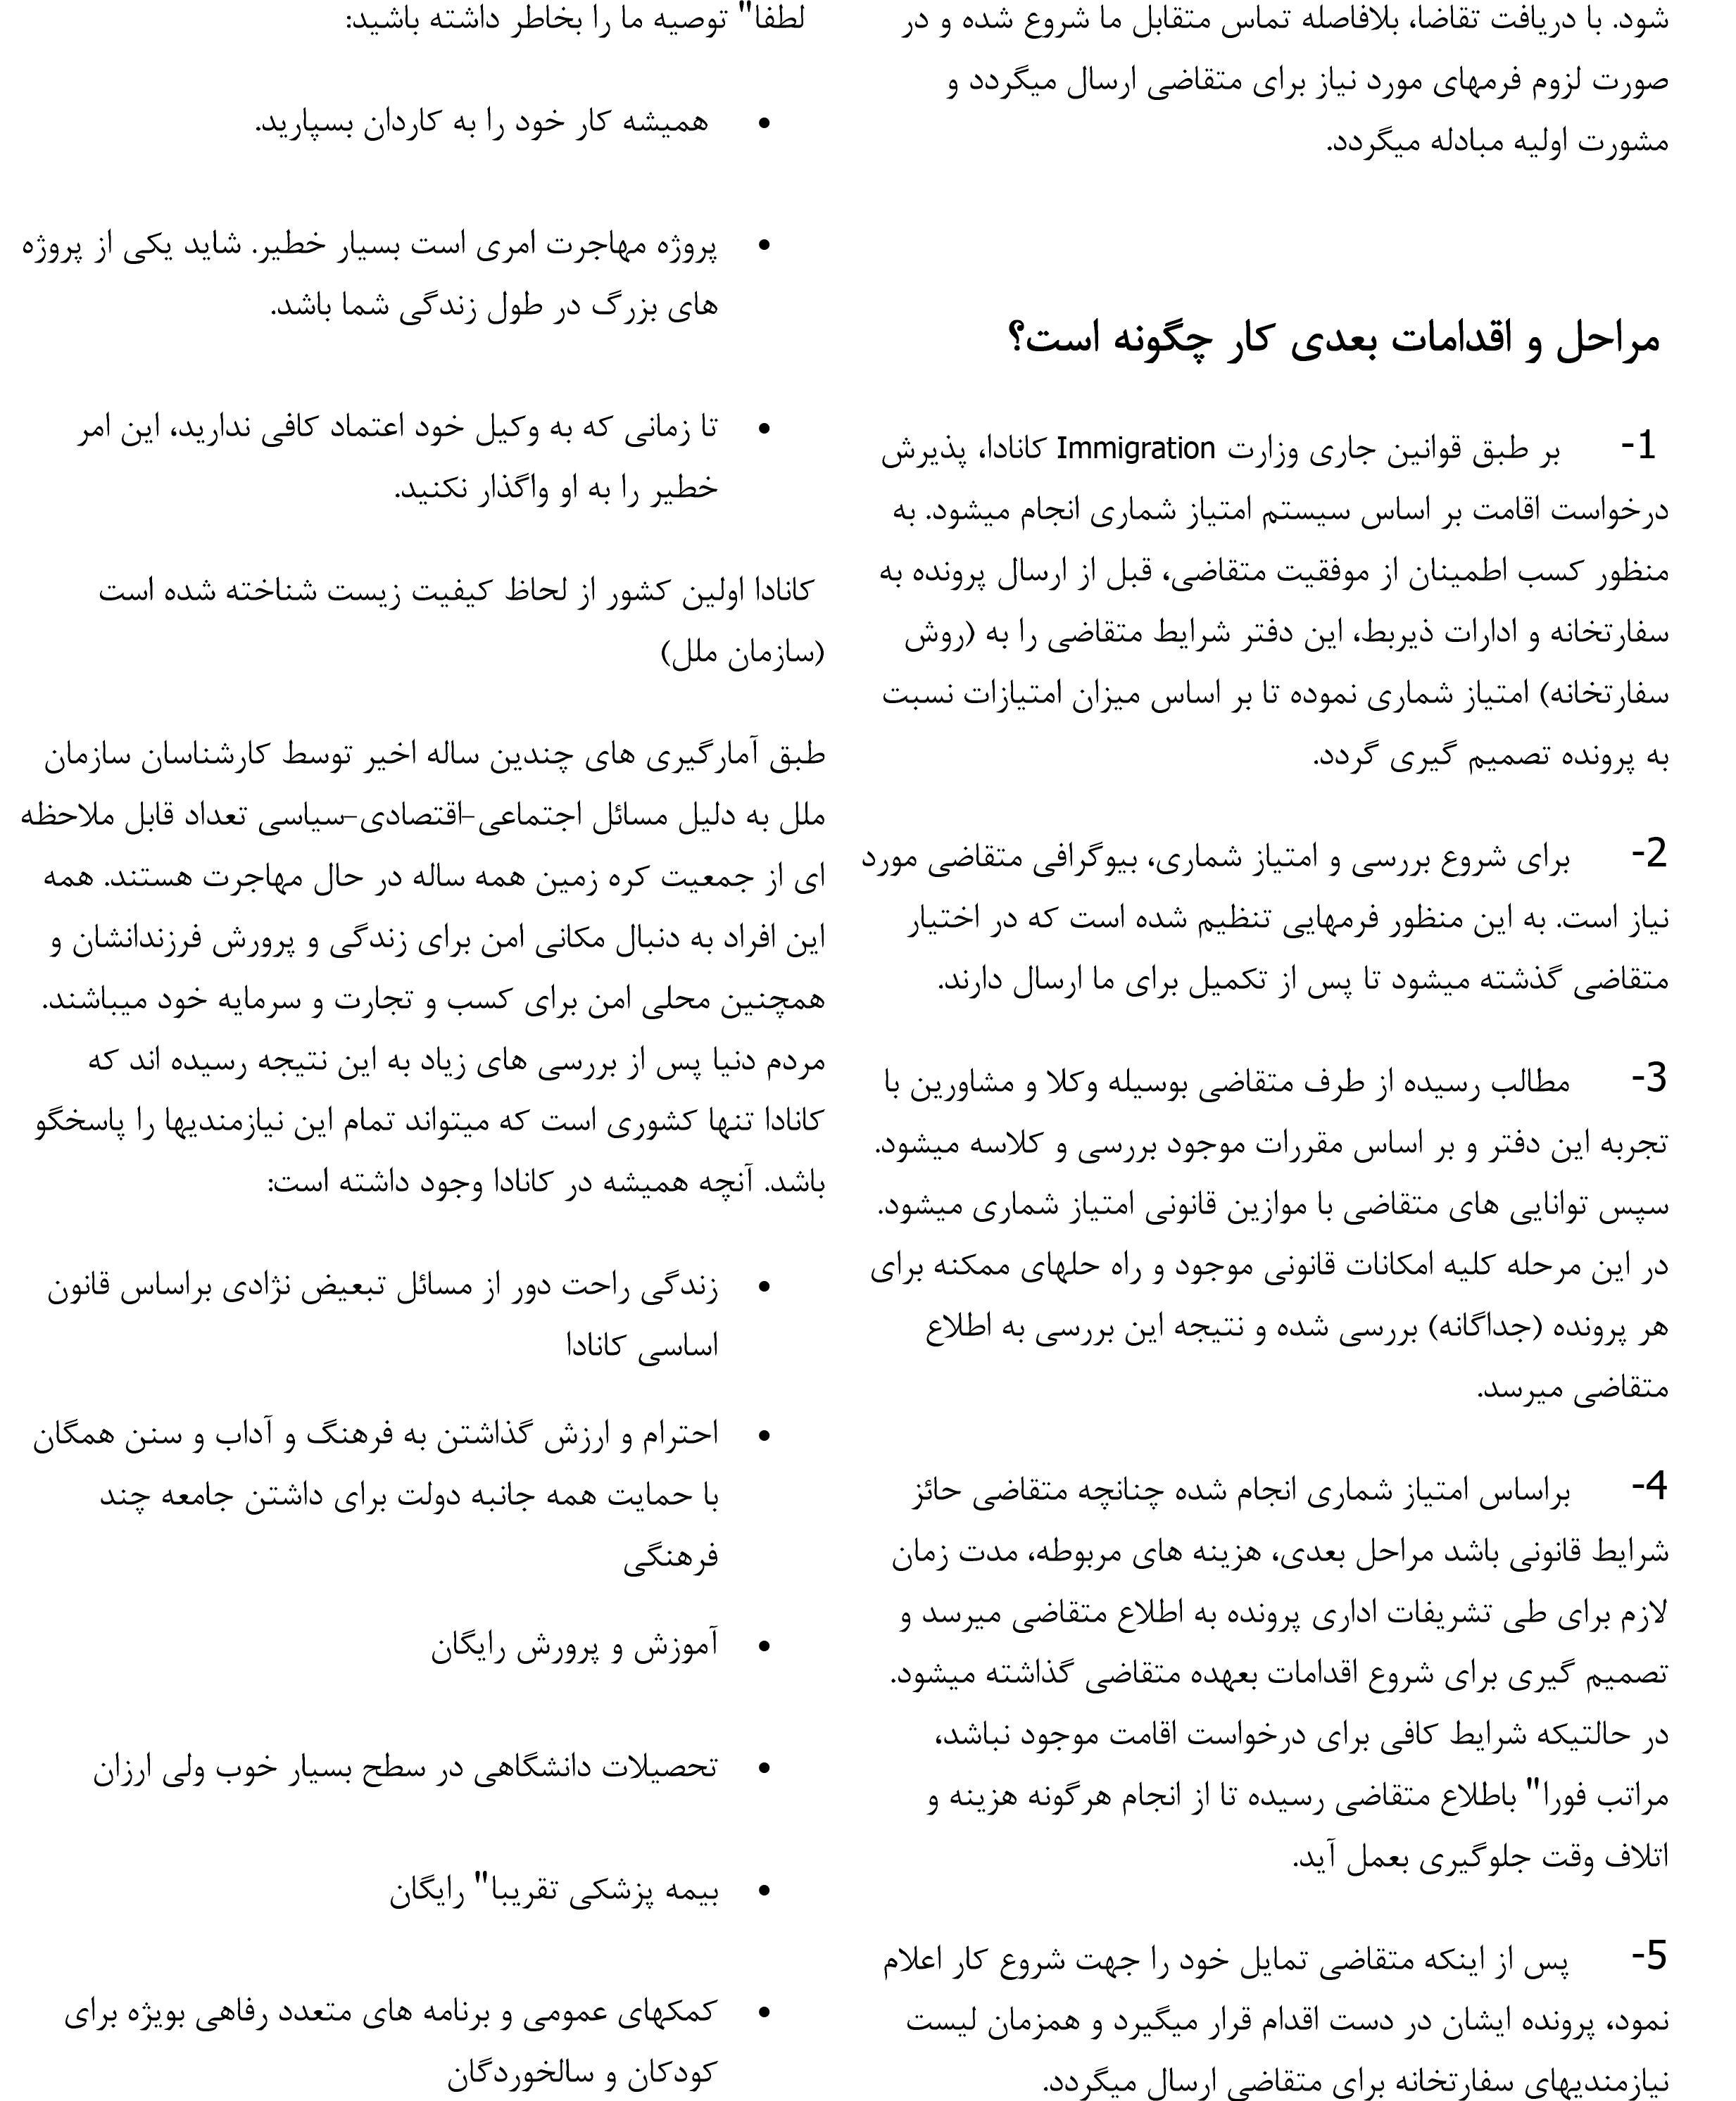 Microsoft Word - 2016-12-12-farsi2